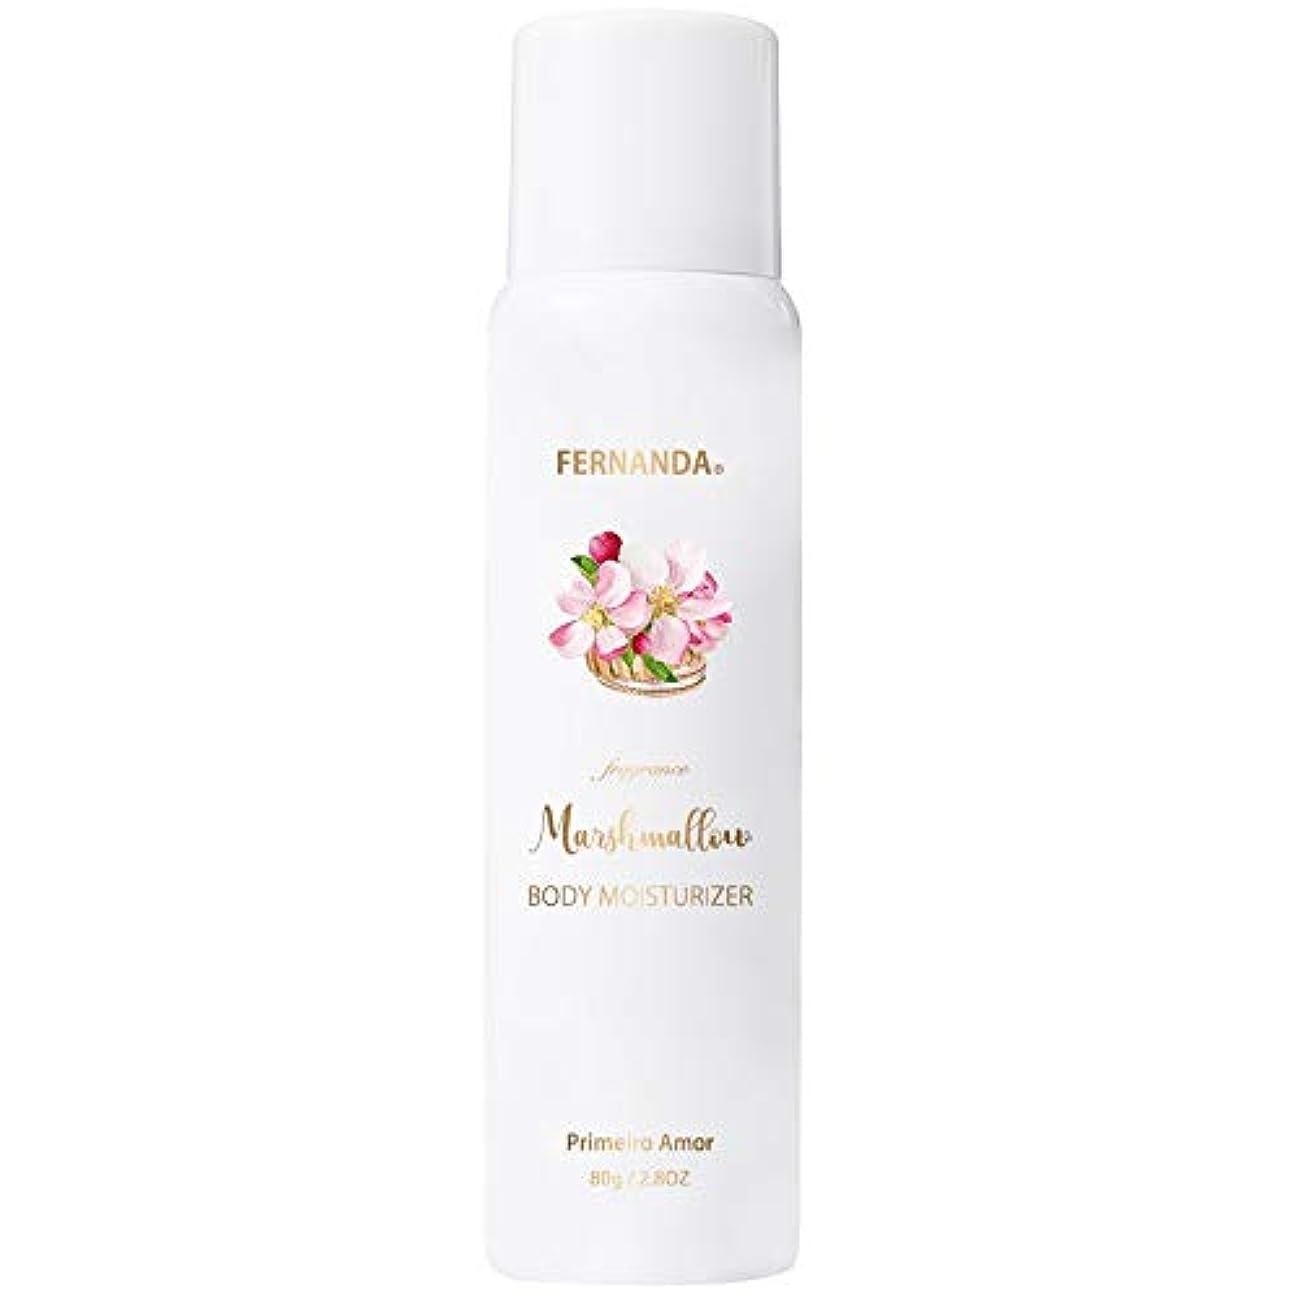 集計地元確立FERNANDA(フェルナンダ) Marshmallow Body Moisturizer Primeiro Amor (マシュマロ ボディ モイスチャライザー プリメイロアモール)